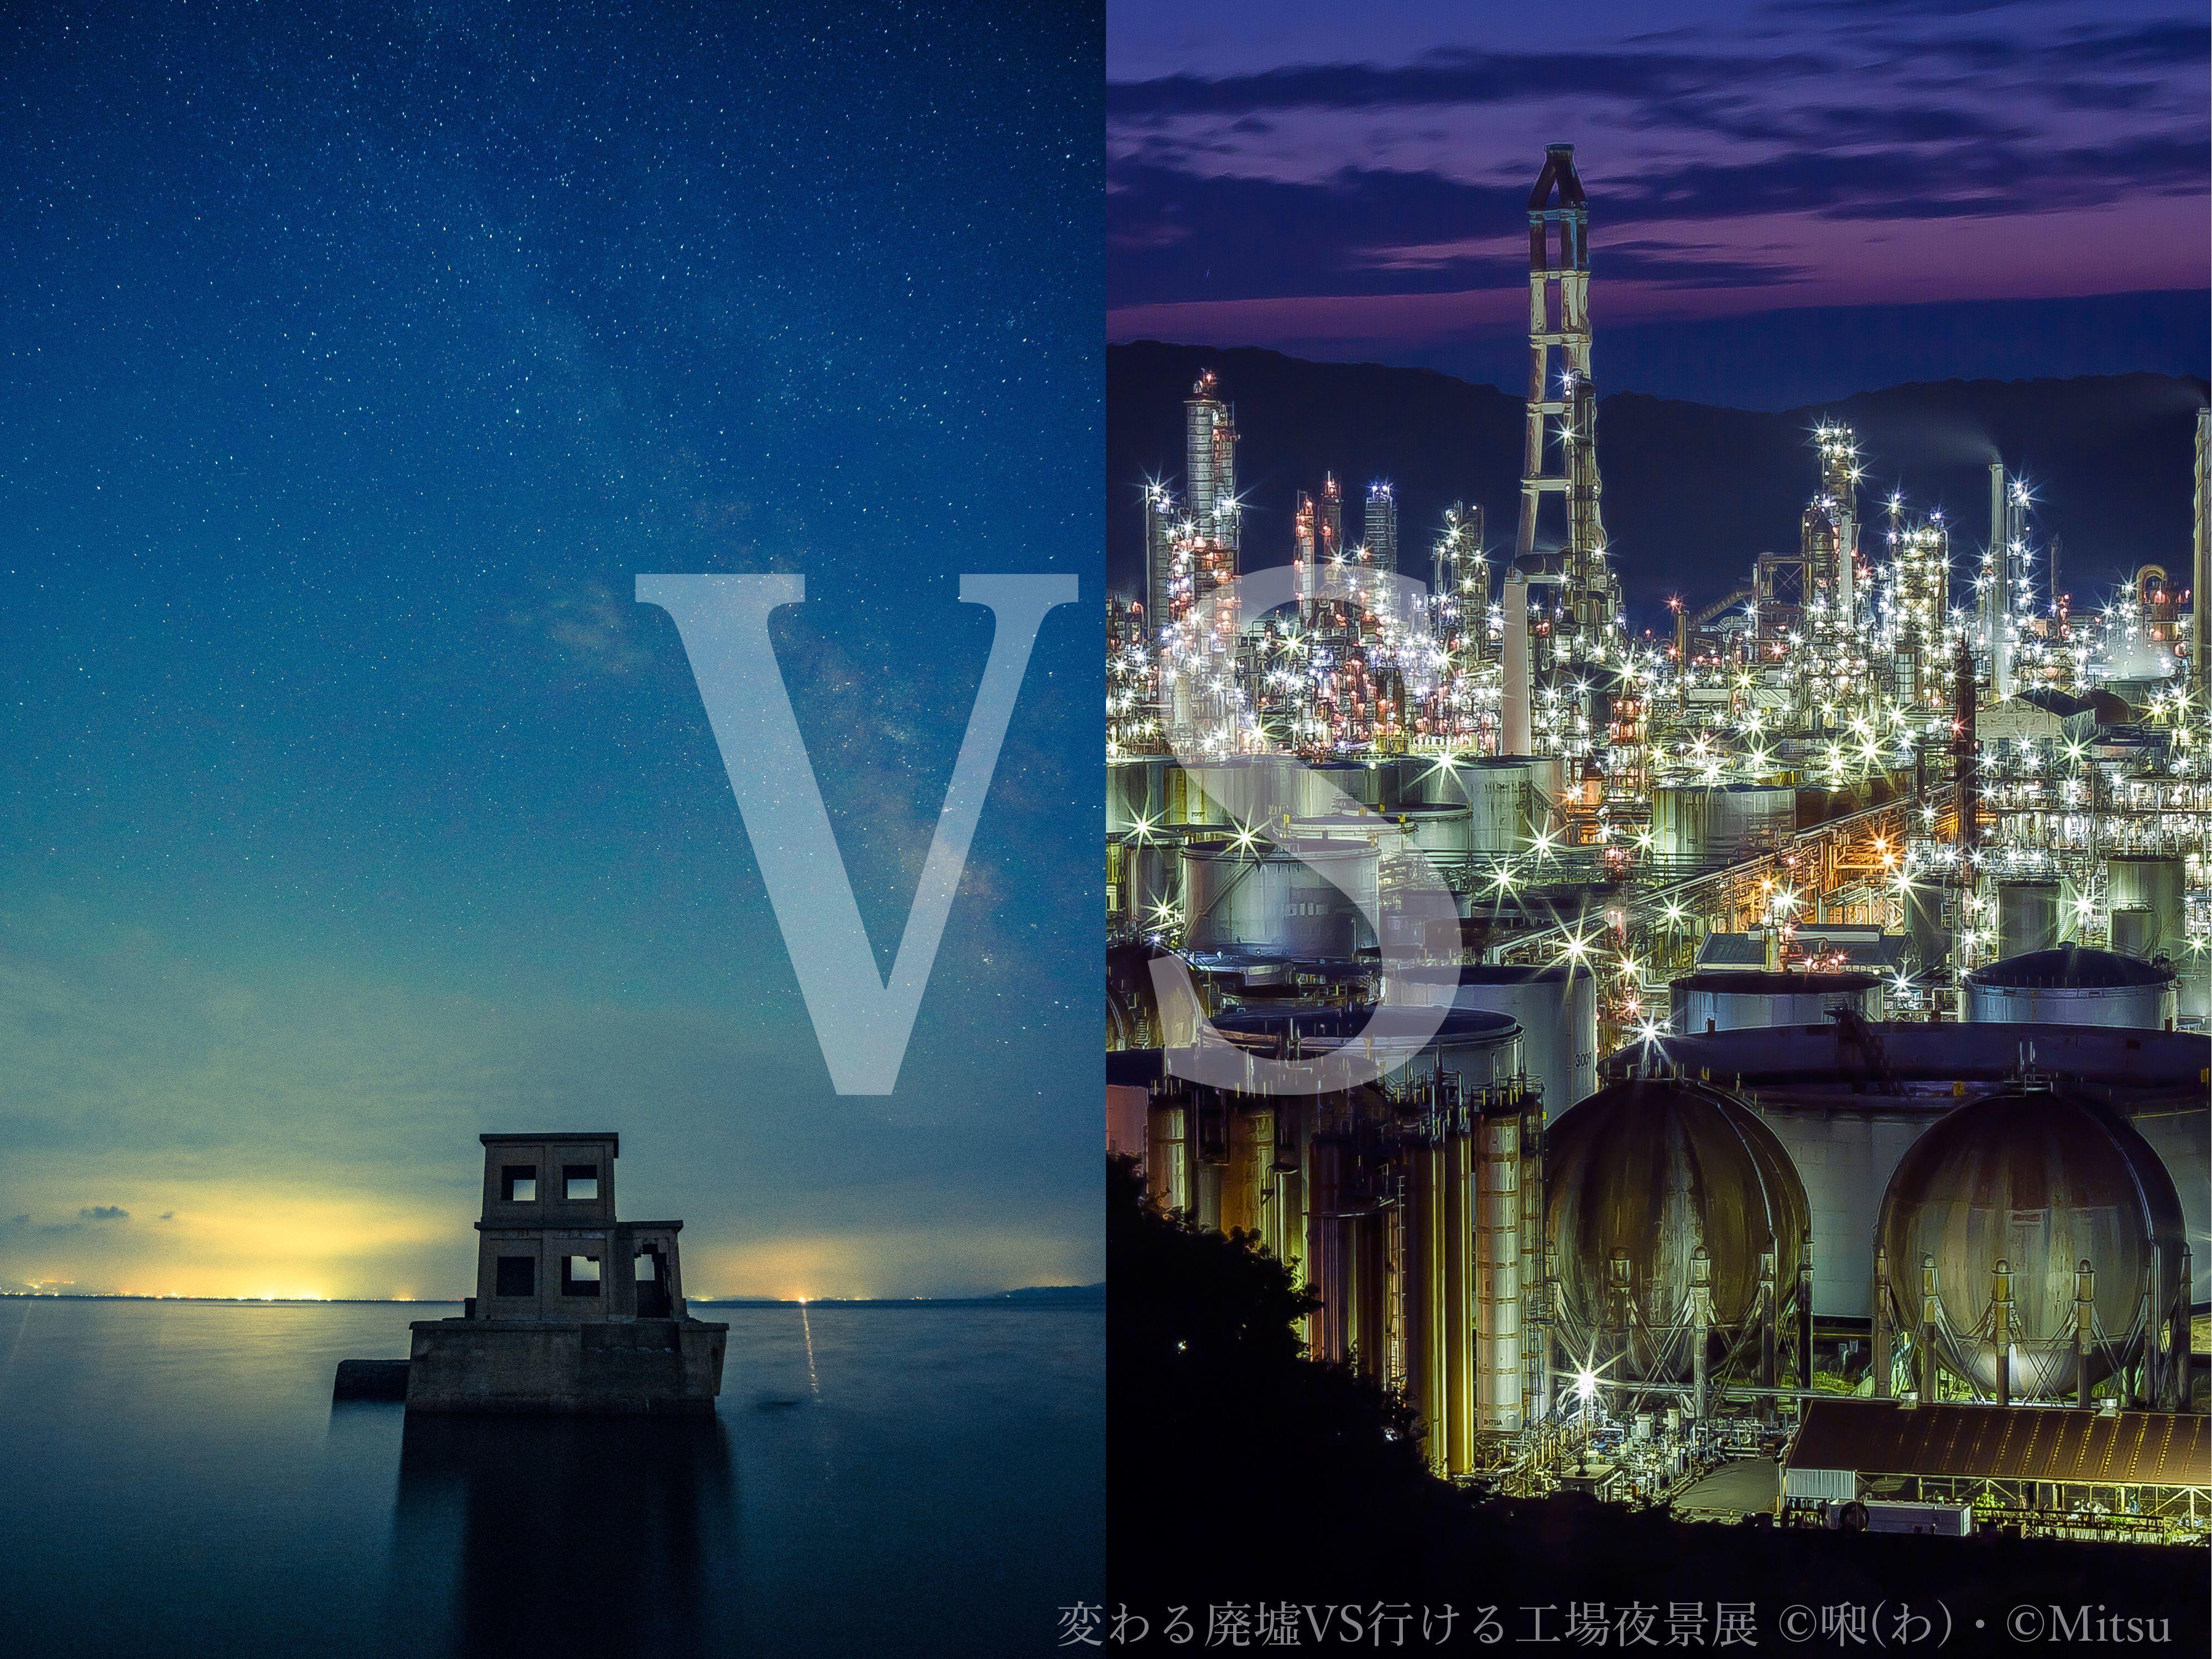 廃墟VS工場夜景